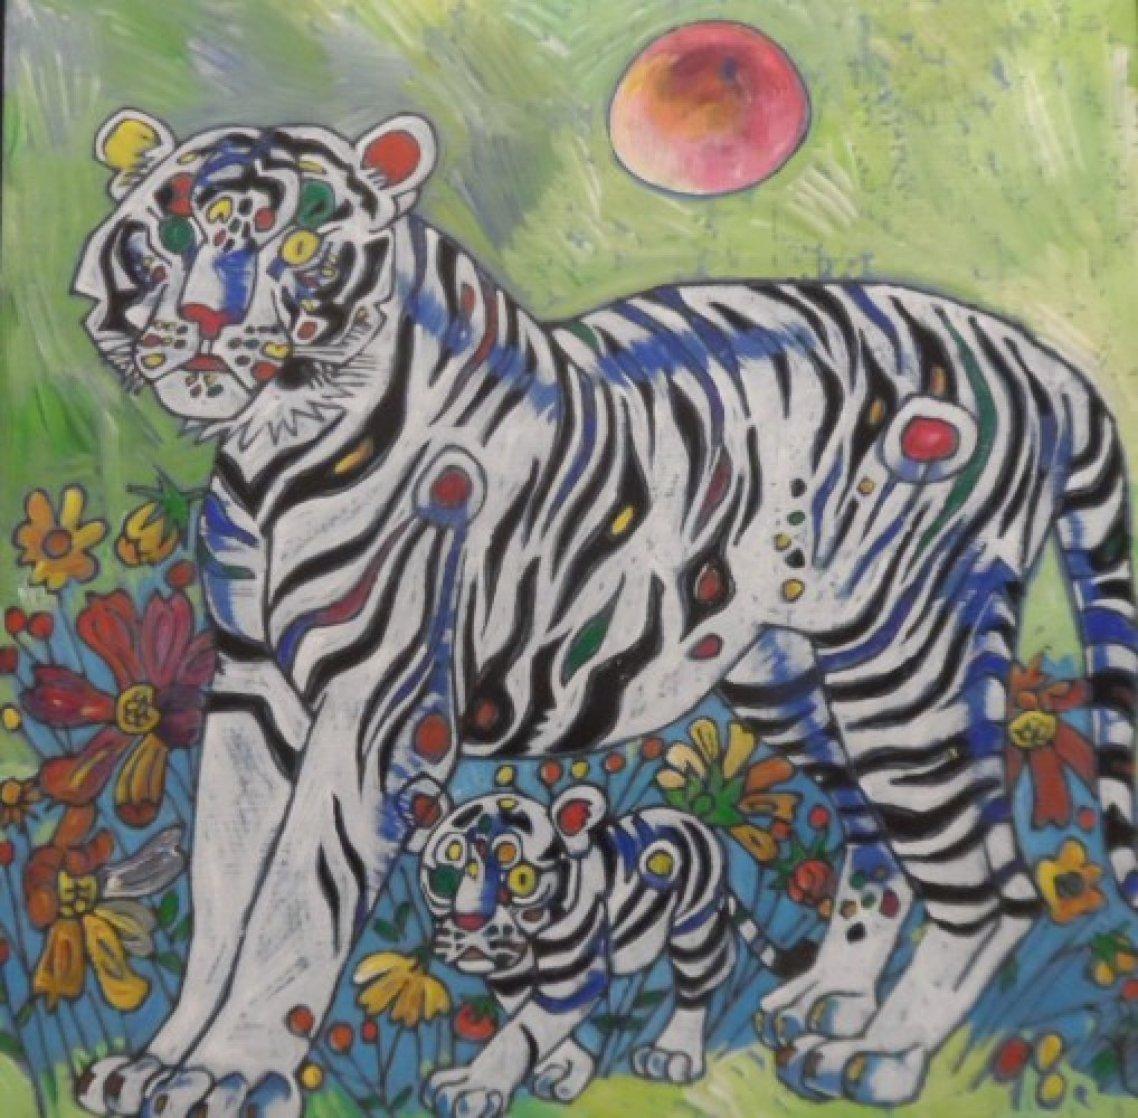 Sun Rising 1998 20x20 Original Painting by Tie-Feng Jiang